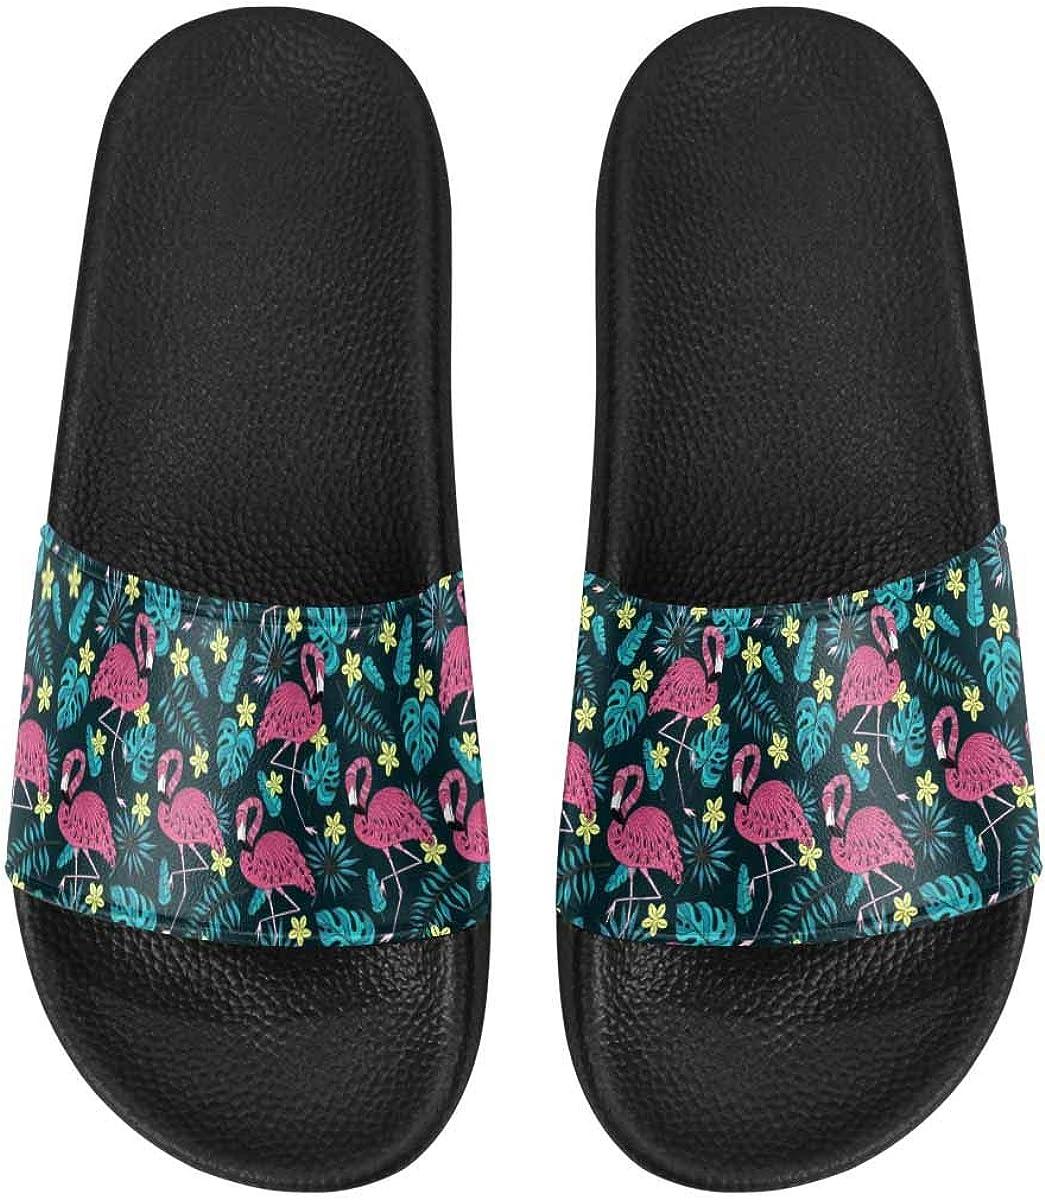 InterestPrint Women's Summer Beach Flat Sandals US6-US12